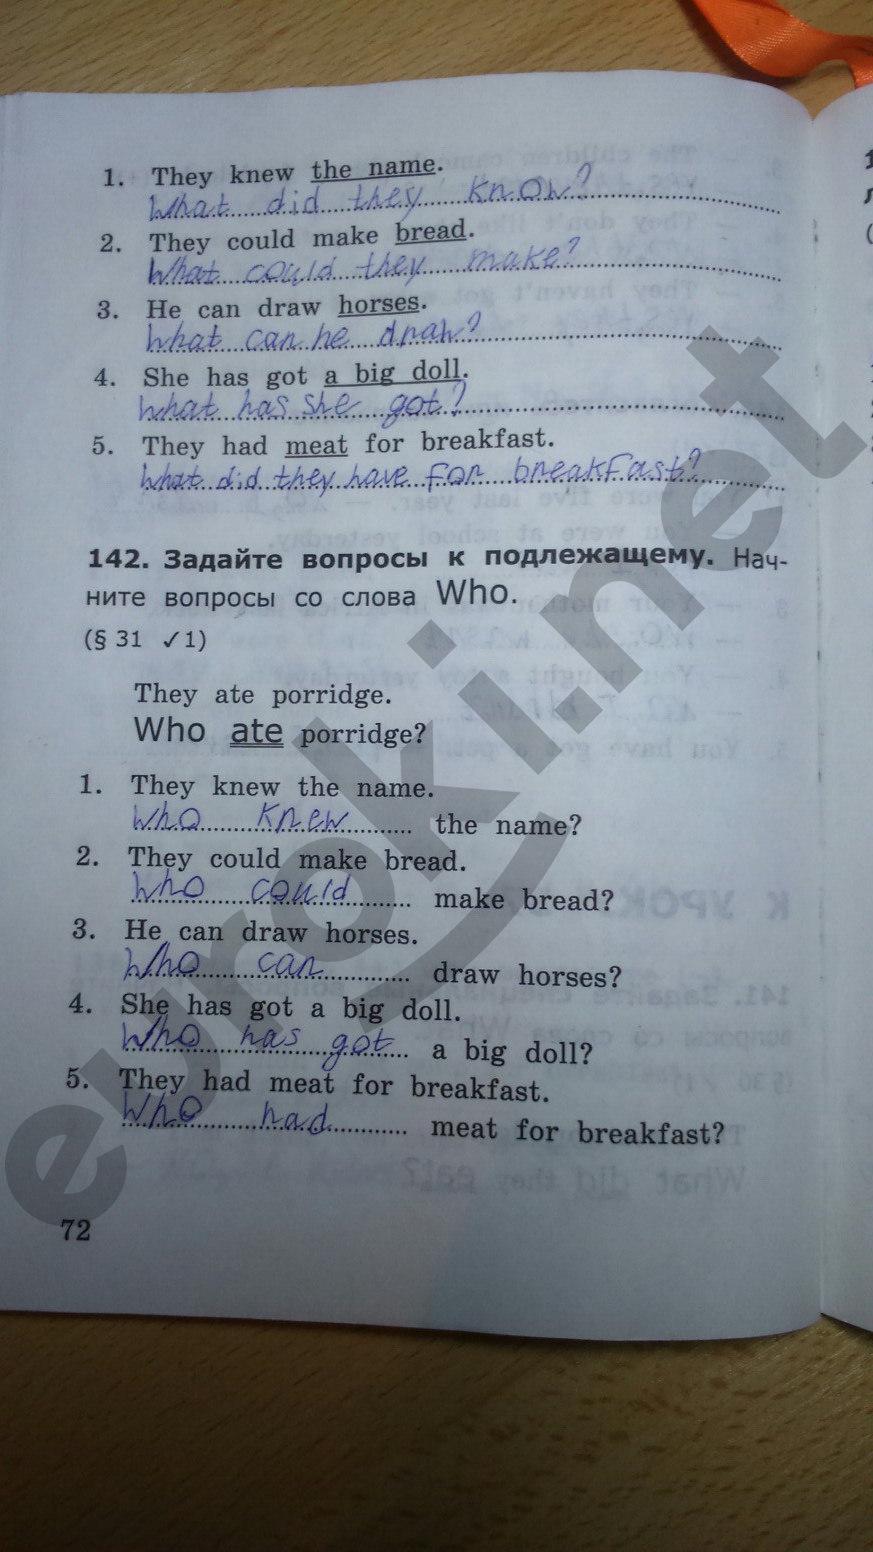 гдз по английскому 3 класс барашкова 1 часть